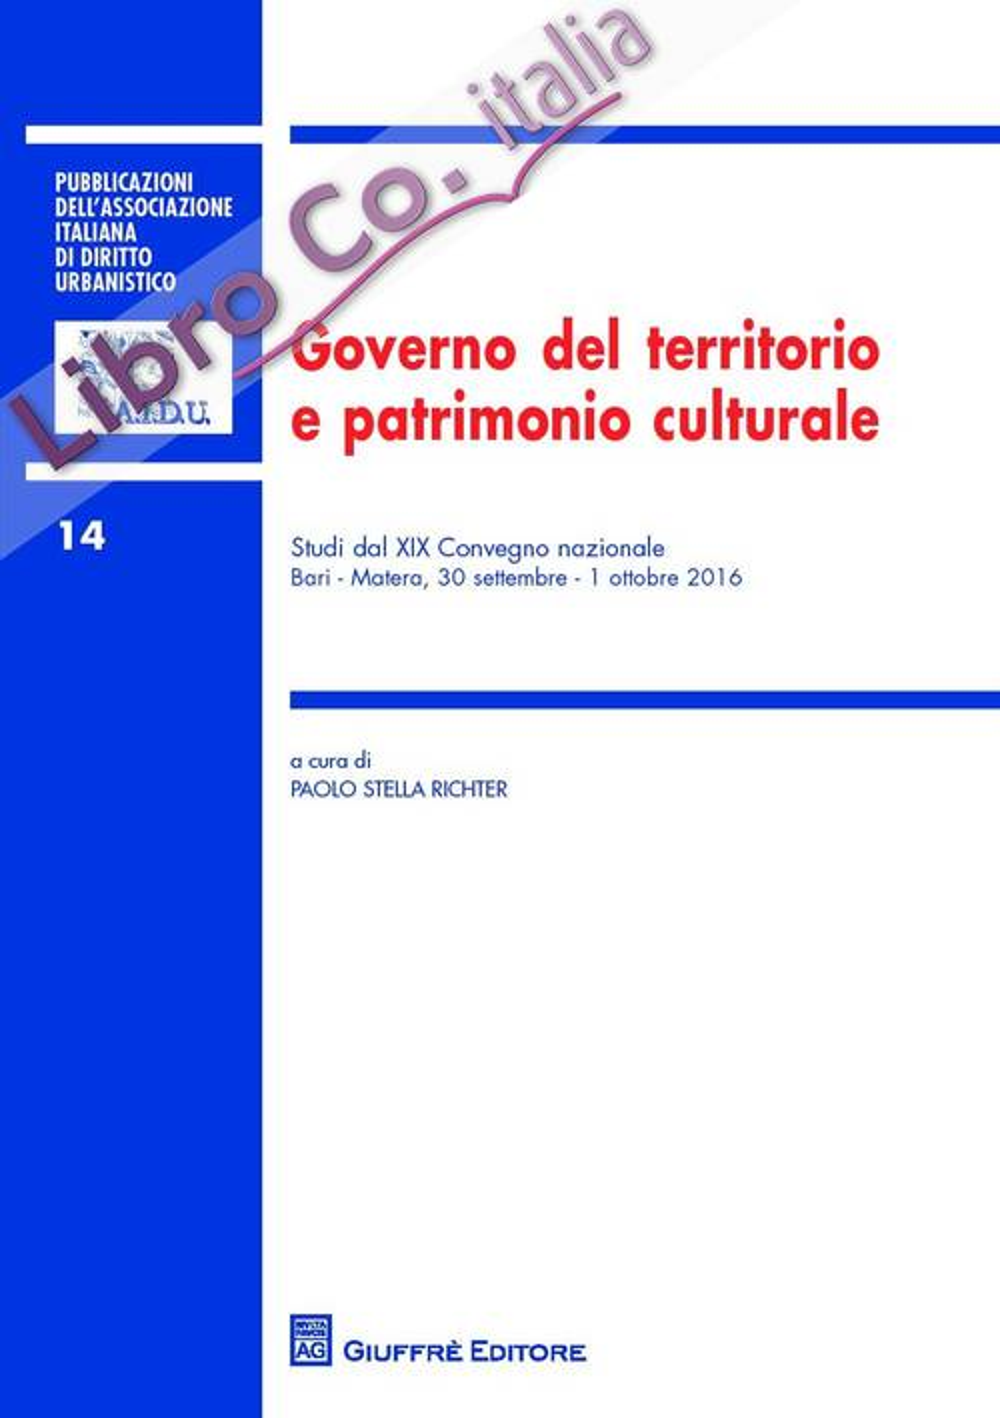 Governo del territorio e patrimonio culturale. Studi del 19° Congresso nazionale (Bari-Matera, 30 settembre-1 ottobre 2016)